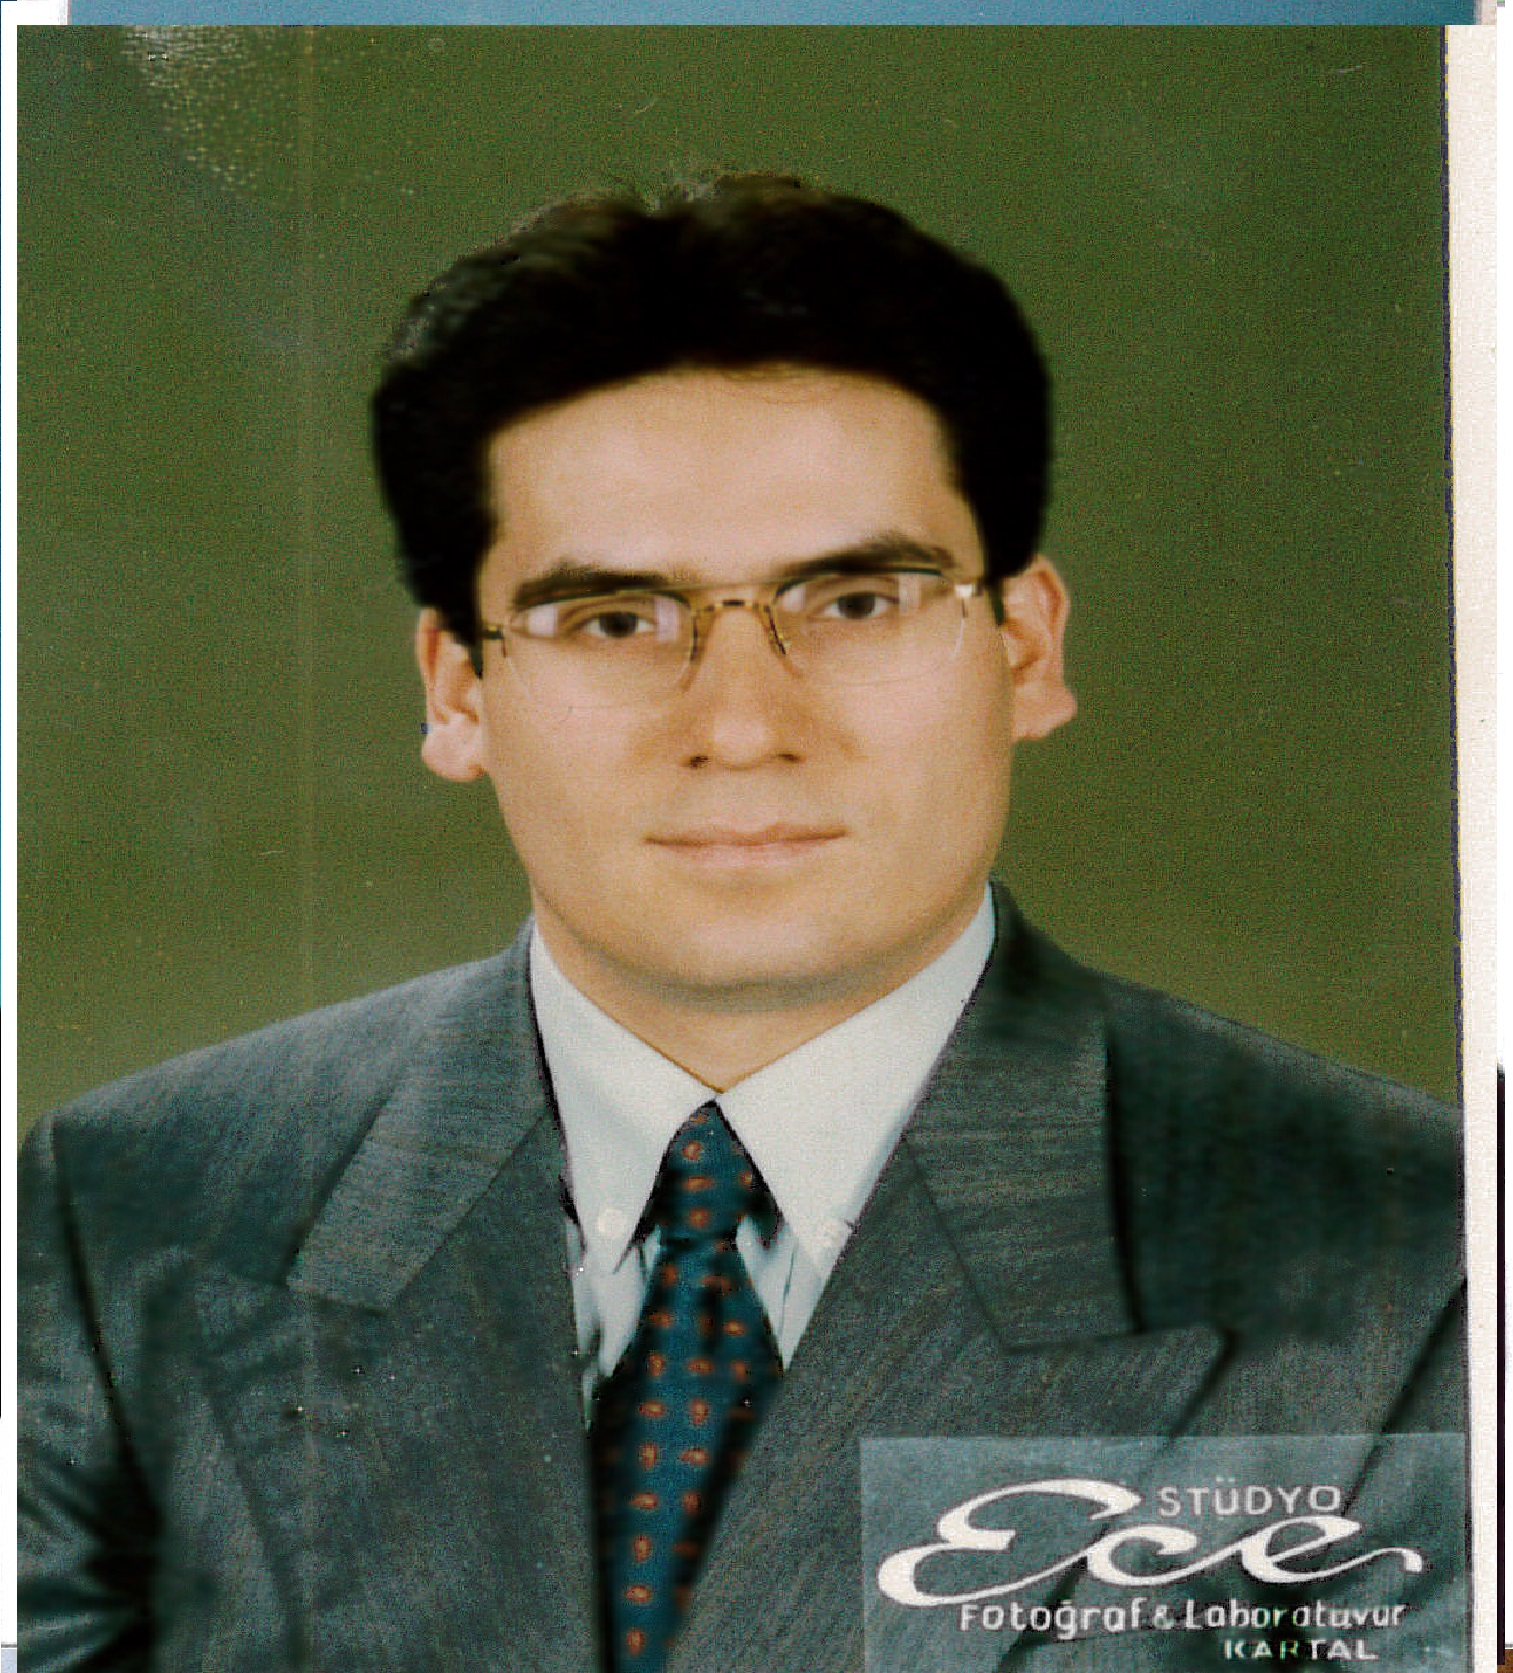 TUNÇ ÖNEŞ fotoğraf